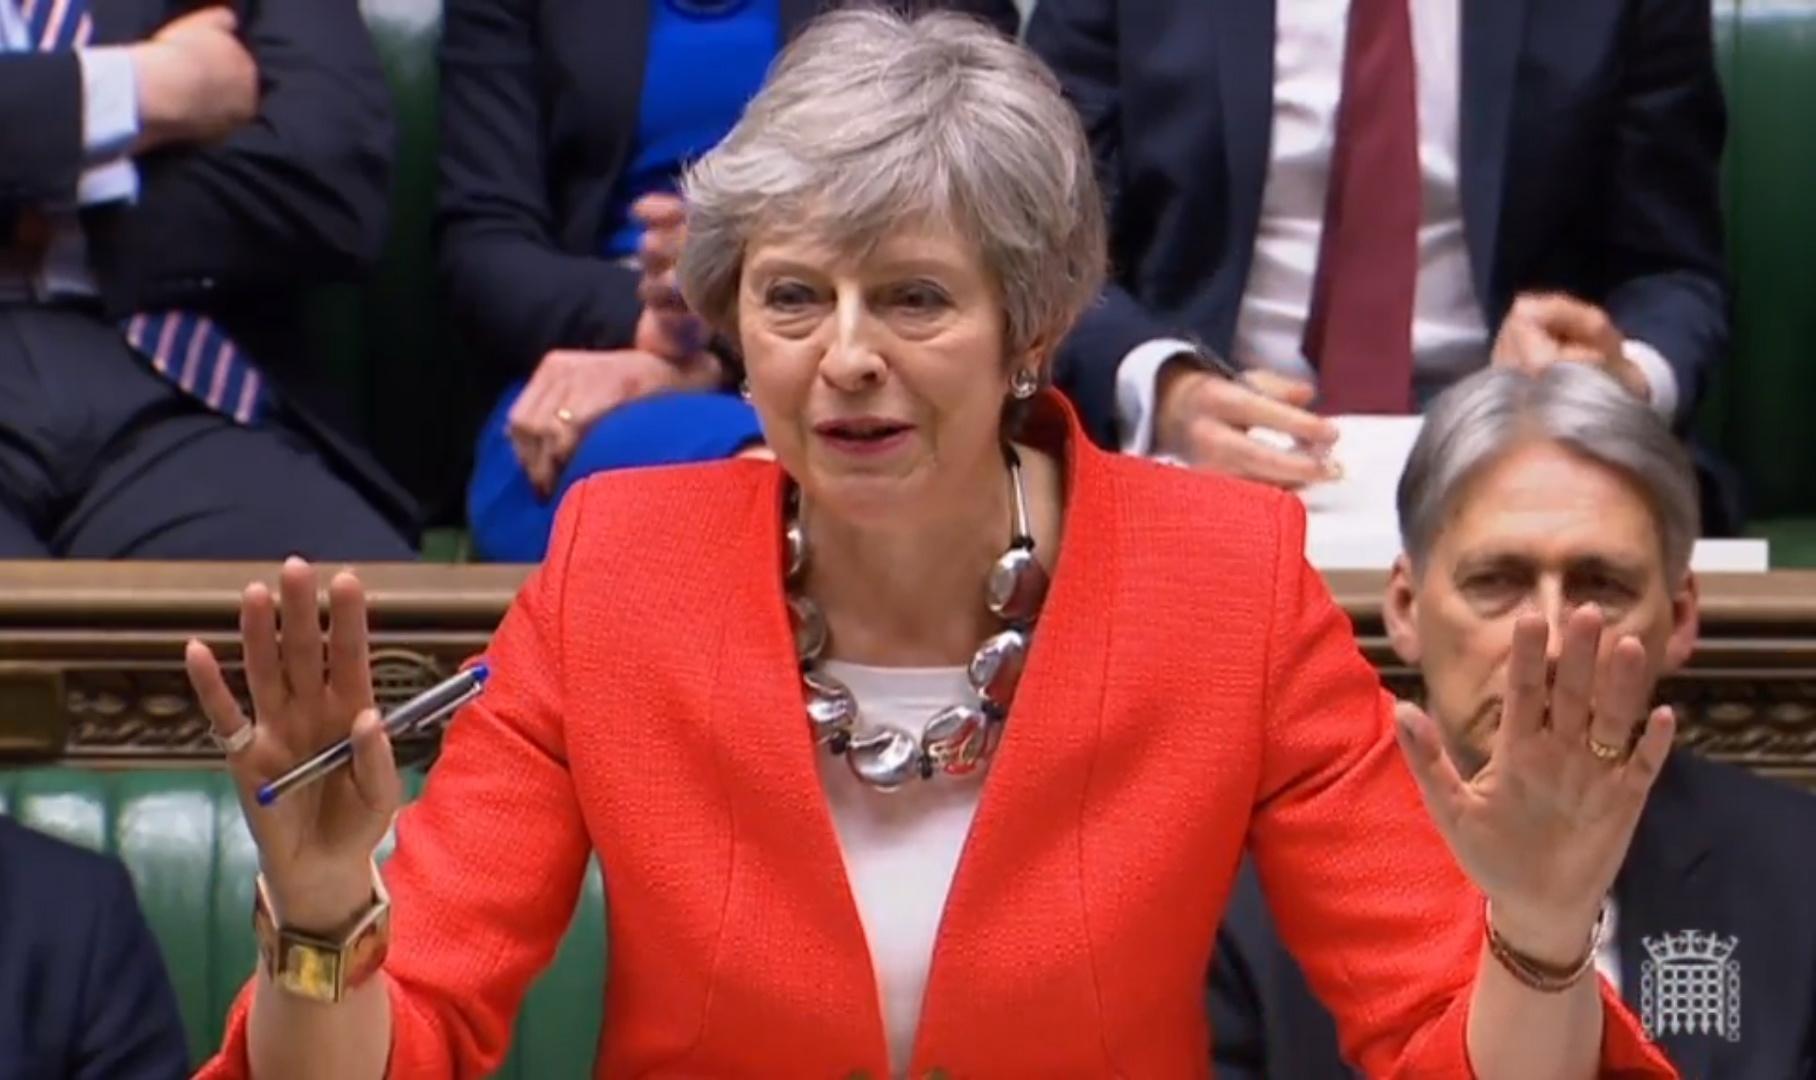 Con 391 contrari e 242 favorevoli, il parlamento di Westminster ha bocciato nuovamente l'accordo proposto dalla May per il Brexit